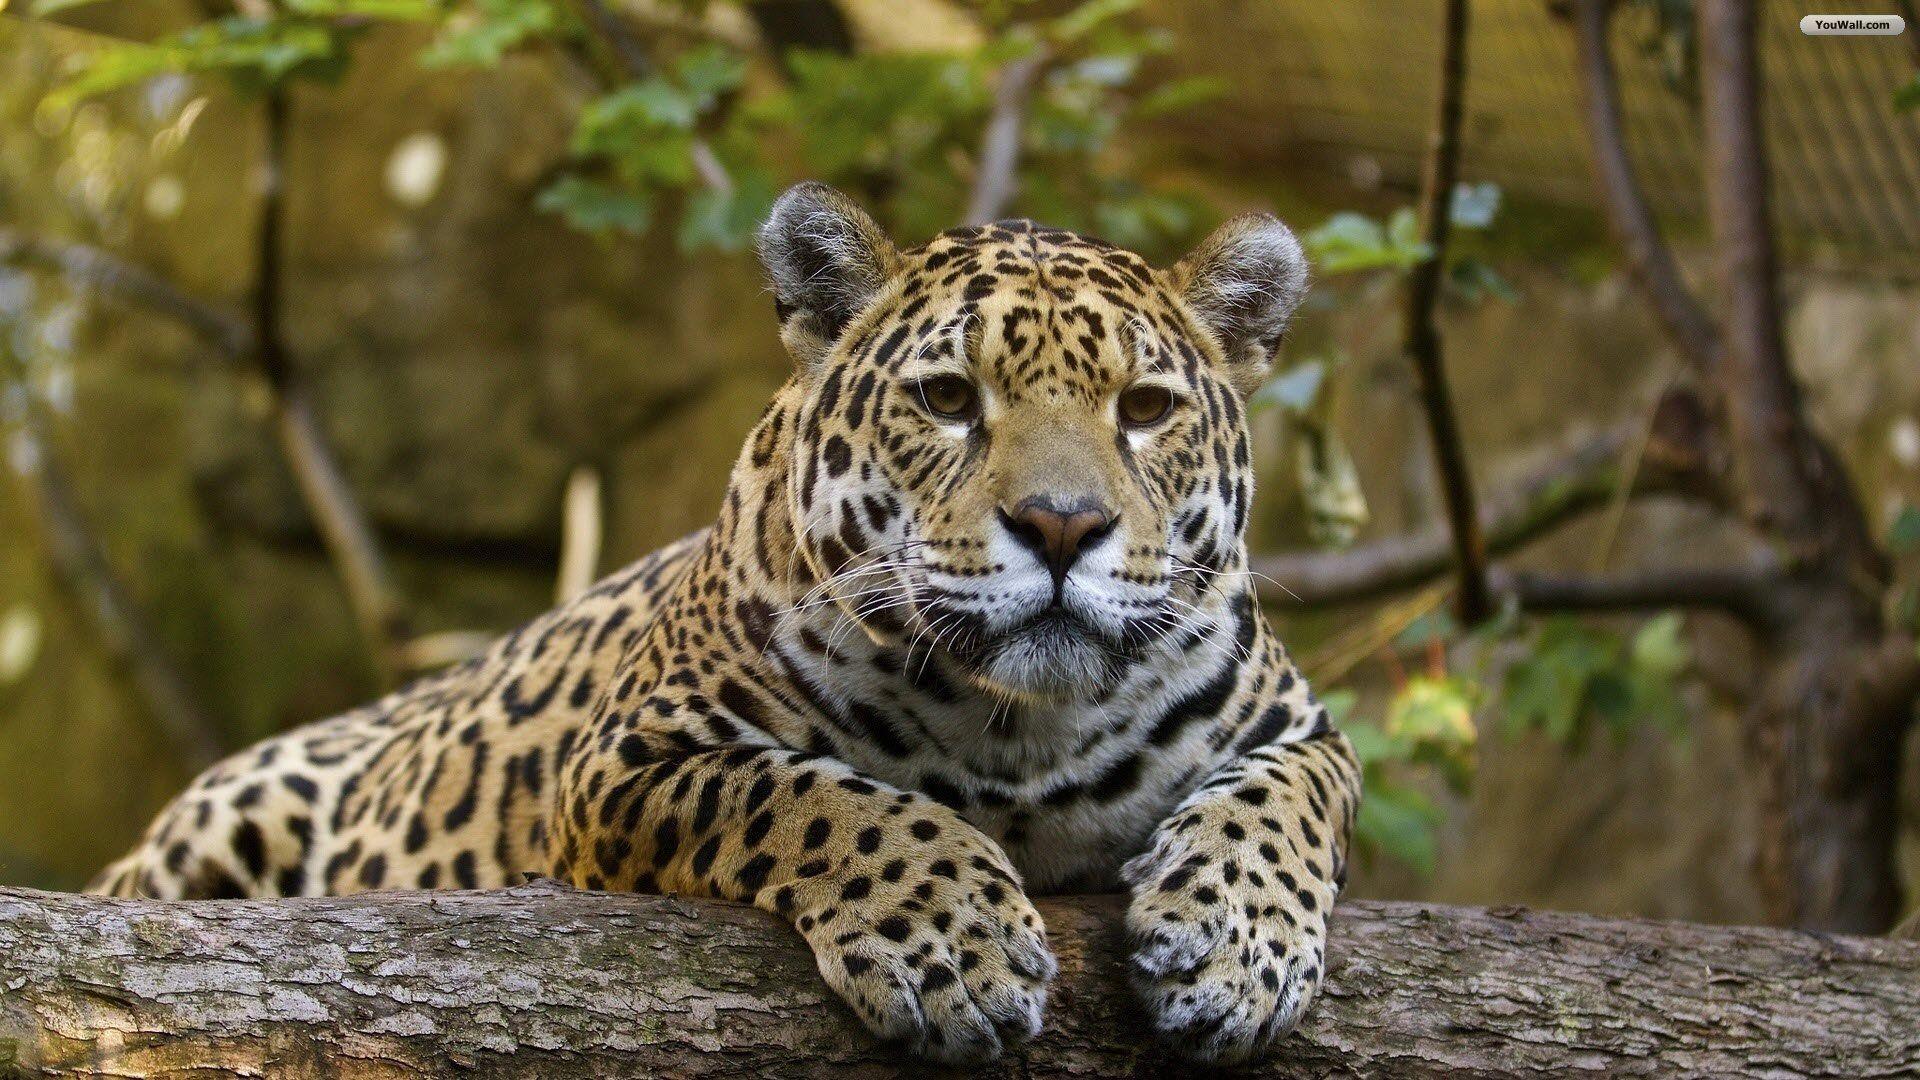 jaguar wallpapers wallpaper cave